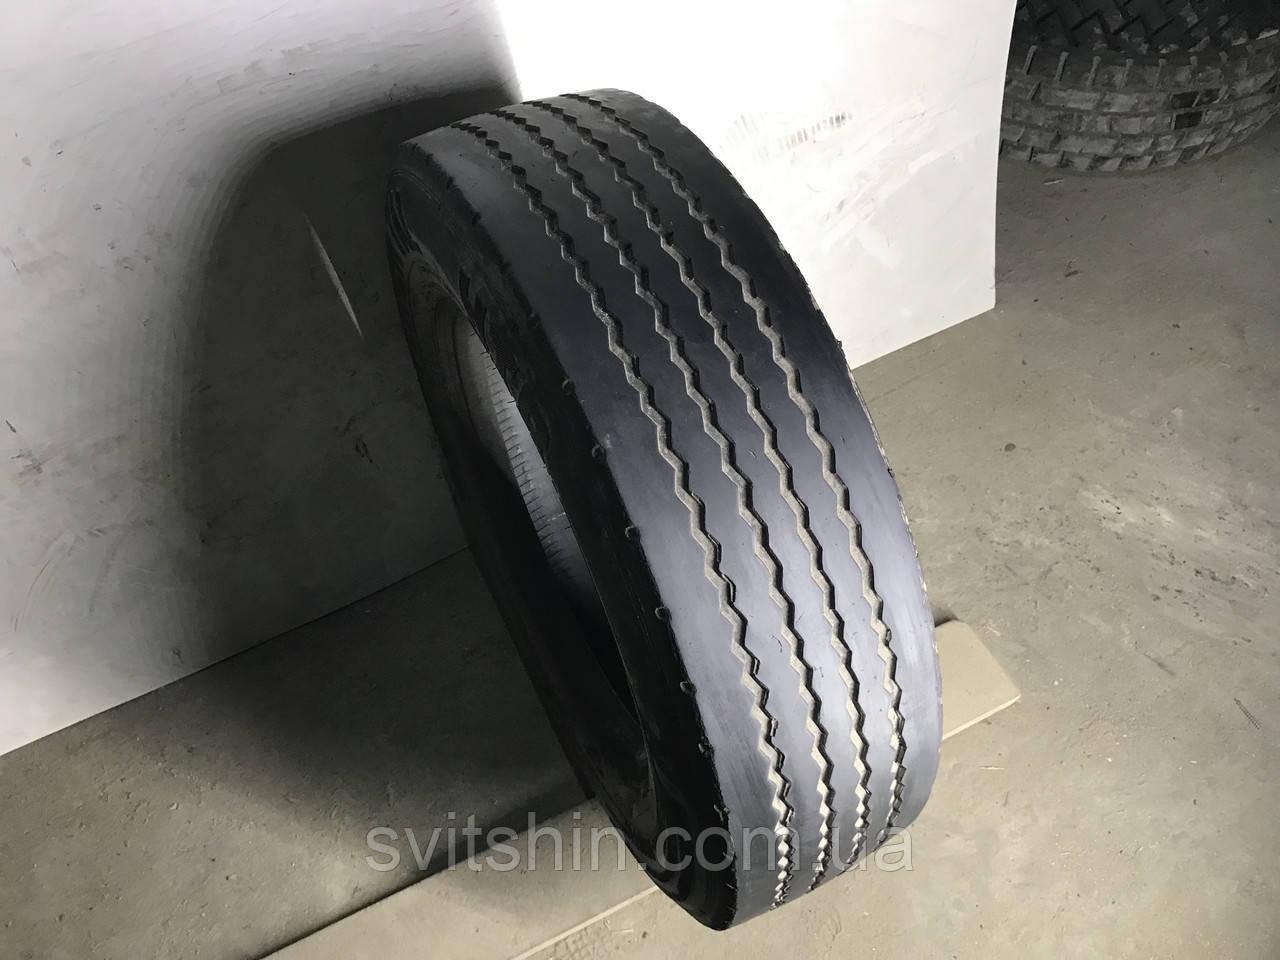 Шина бо 215/75R17.5 Continental HRT 1шт 4,5 мм